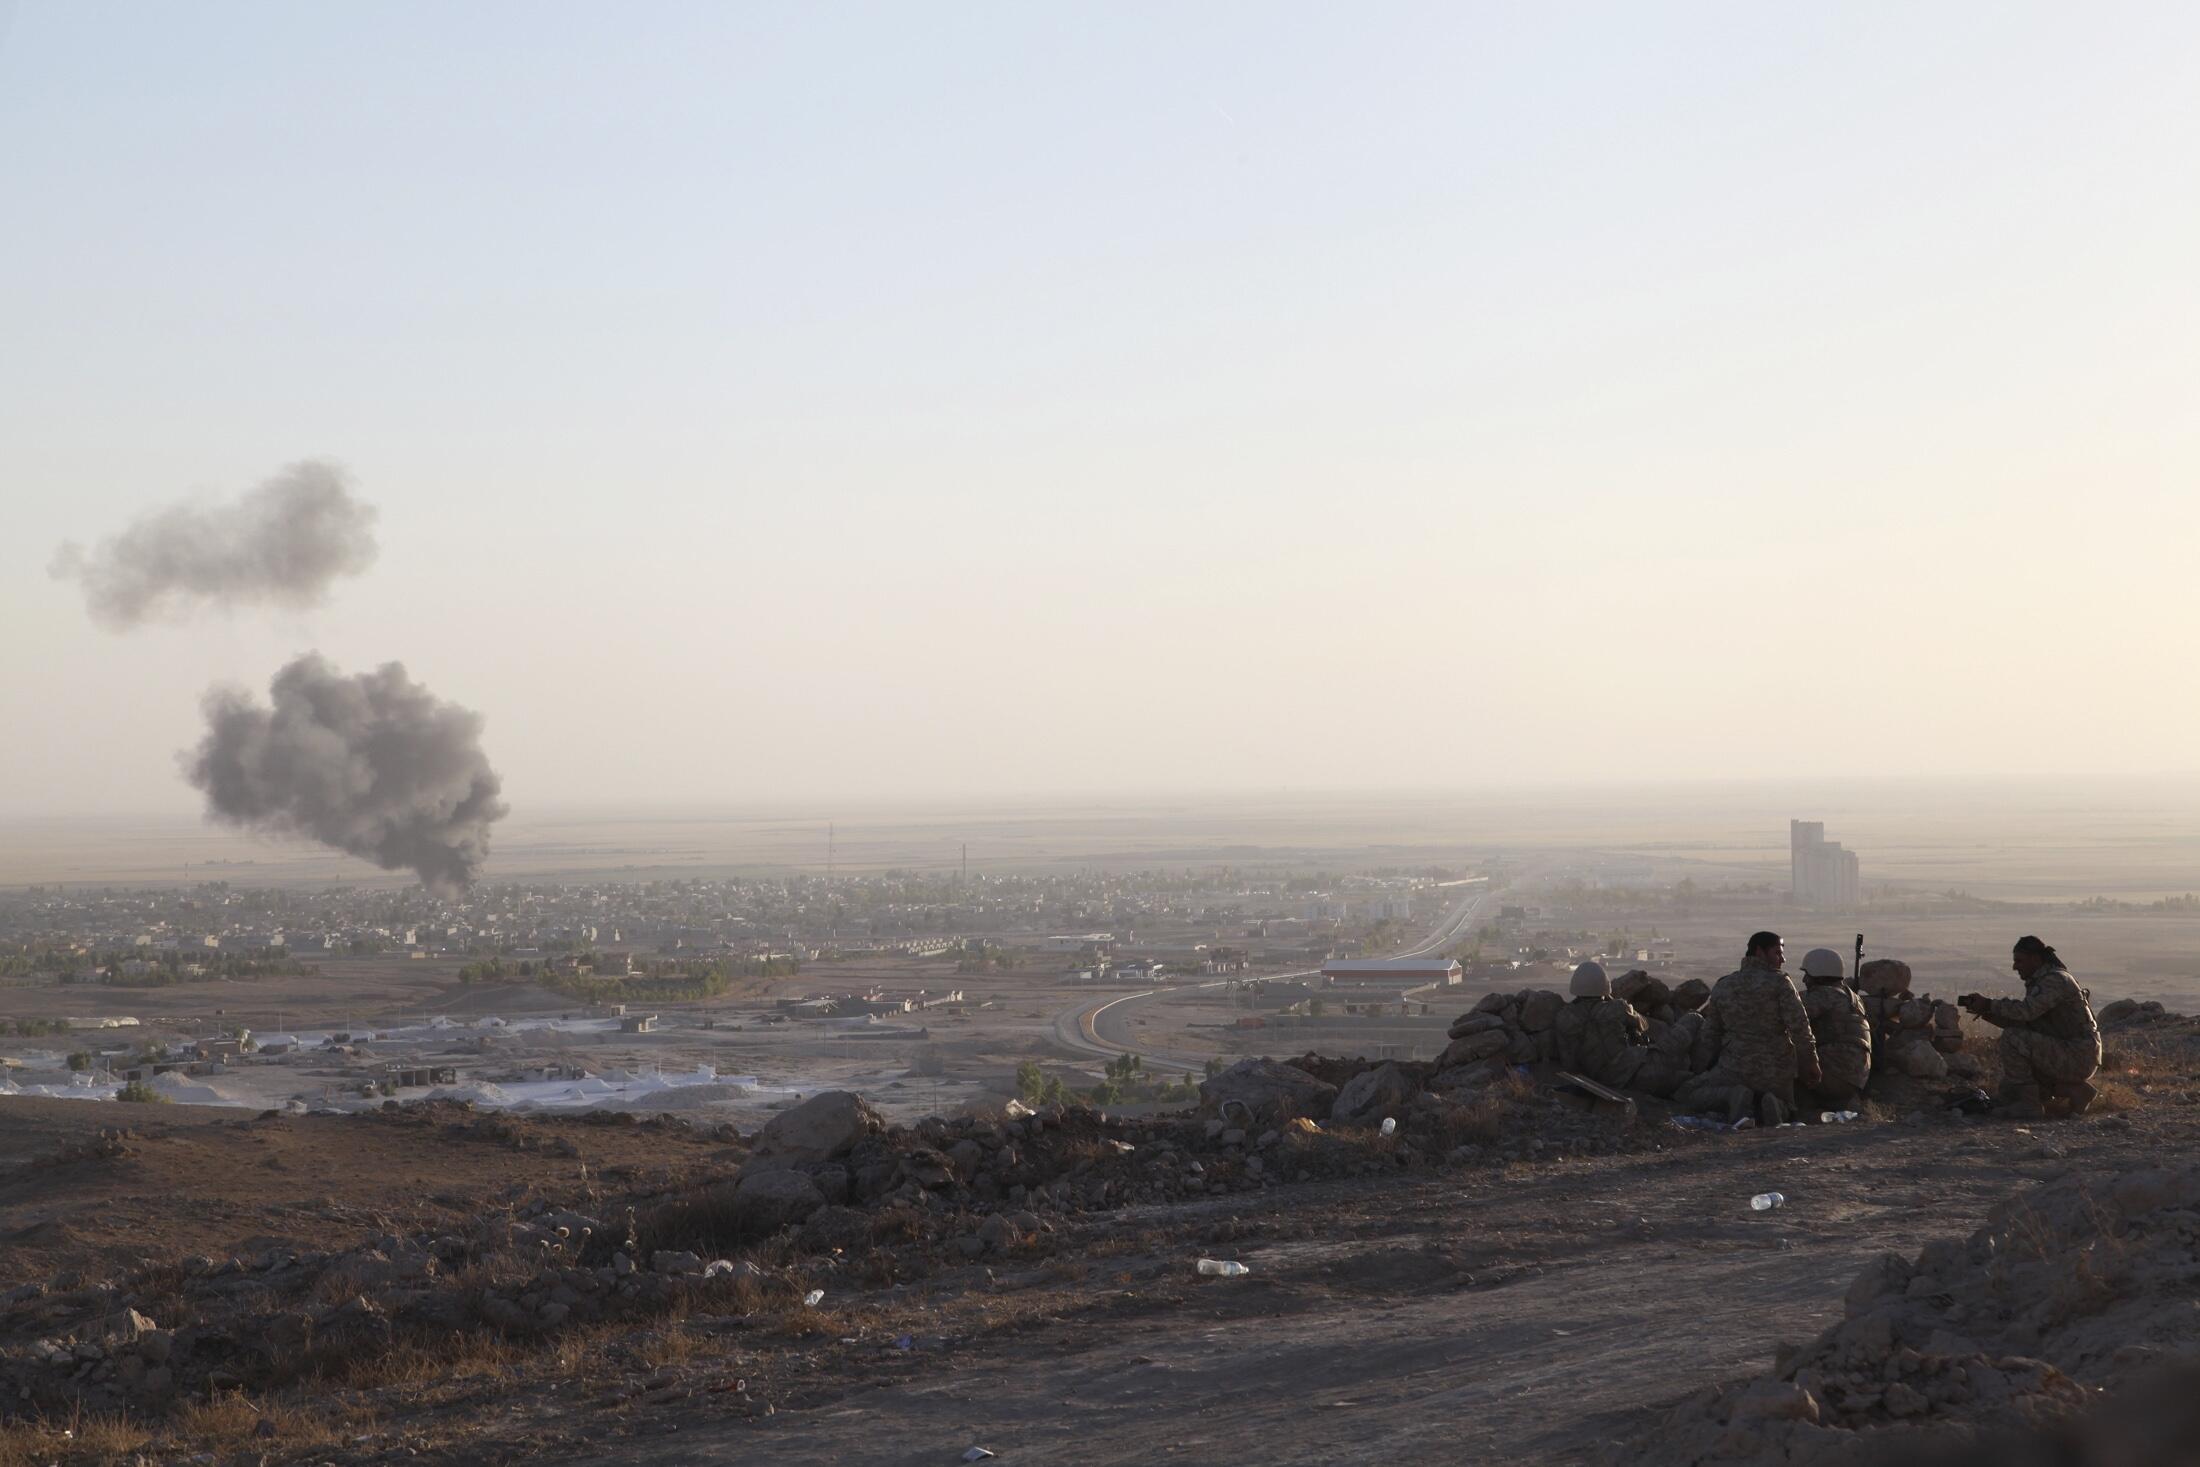 Cảnh thành phố Makhmur, phía Bắc, nơi diễn ra đụng độ với quân thánh chiến của Nhà nước  Hồi giáo. Ảnh ngày 09/08/2014